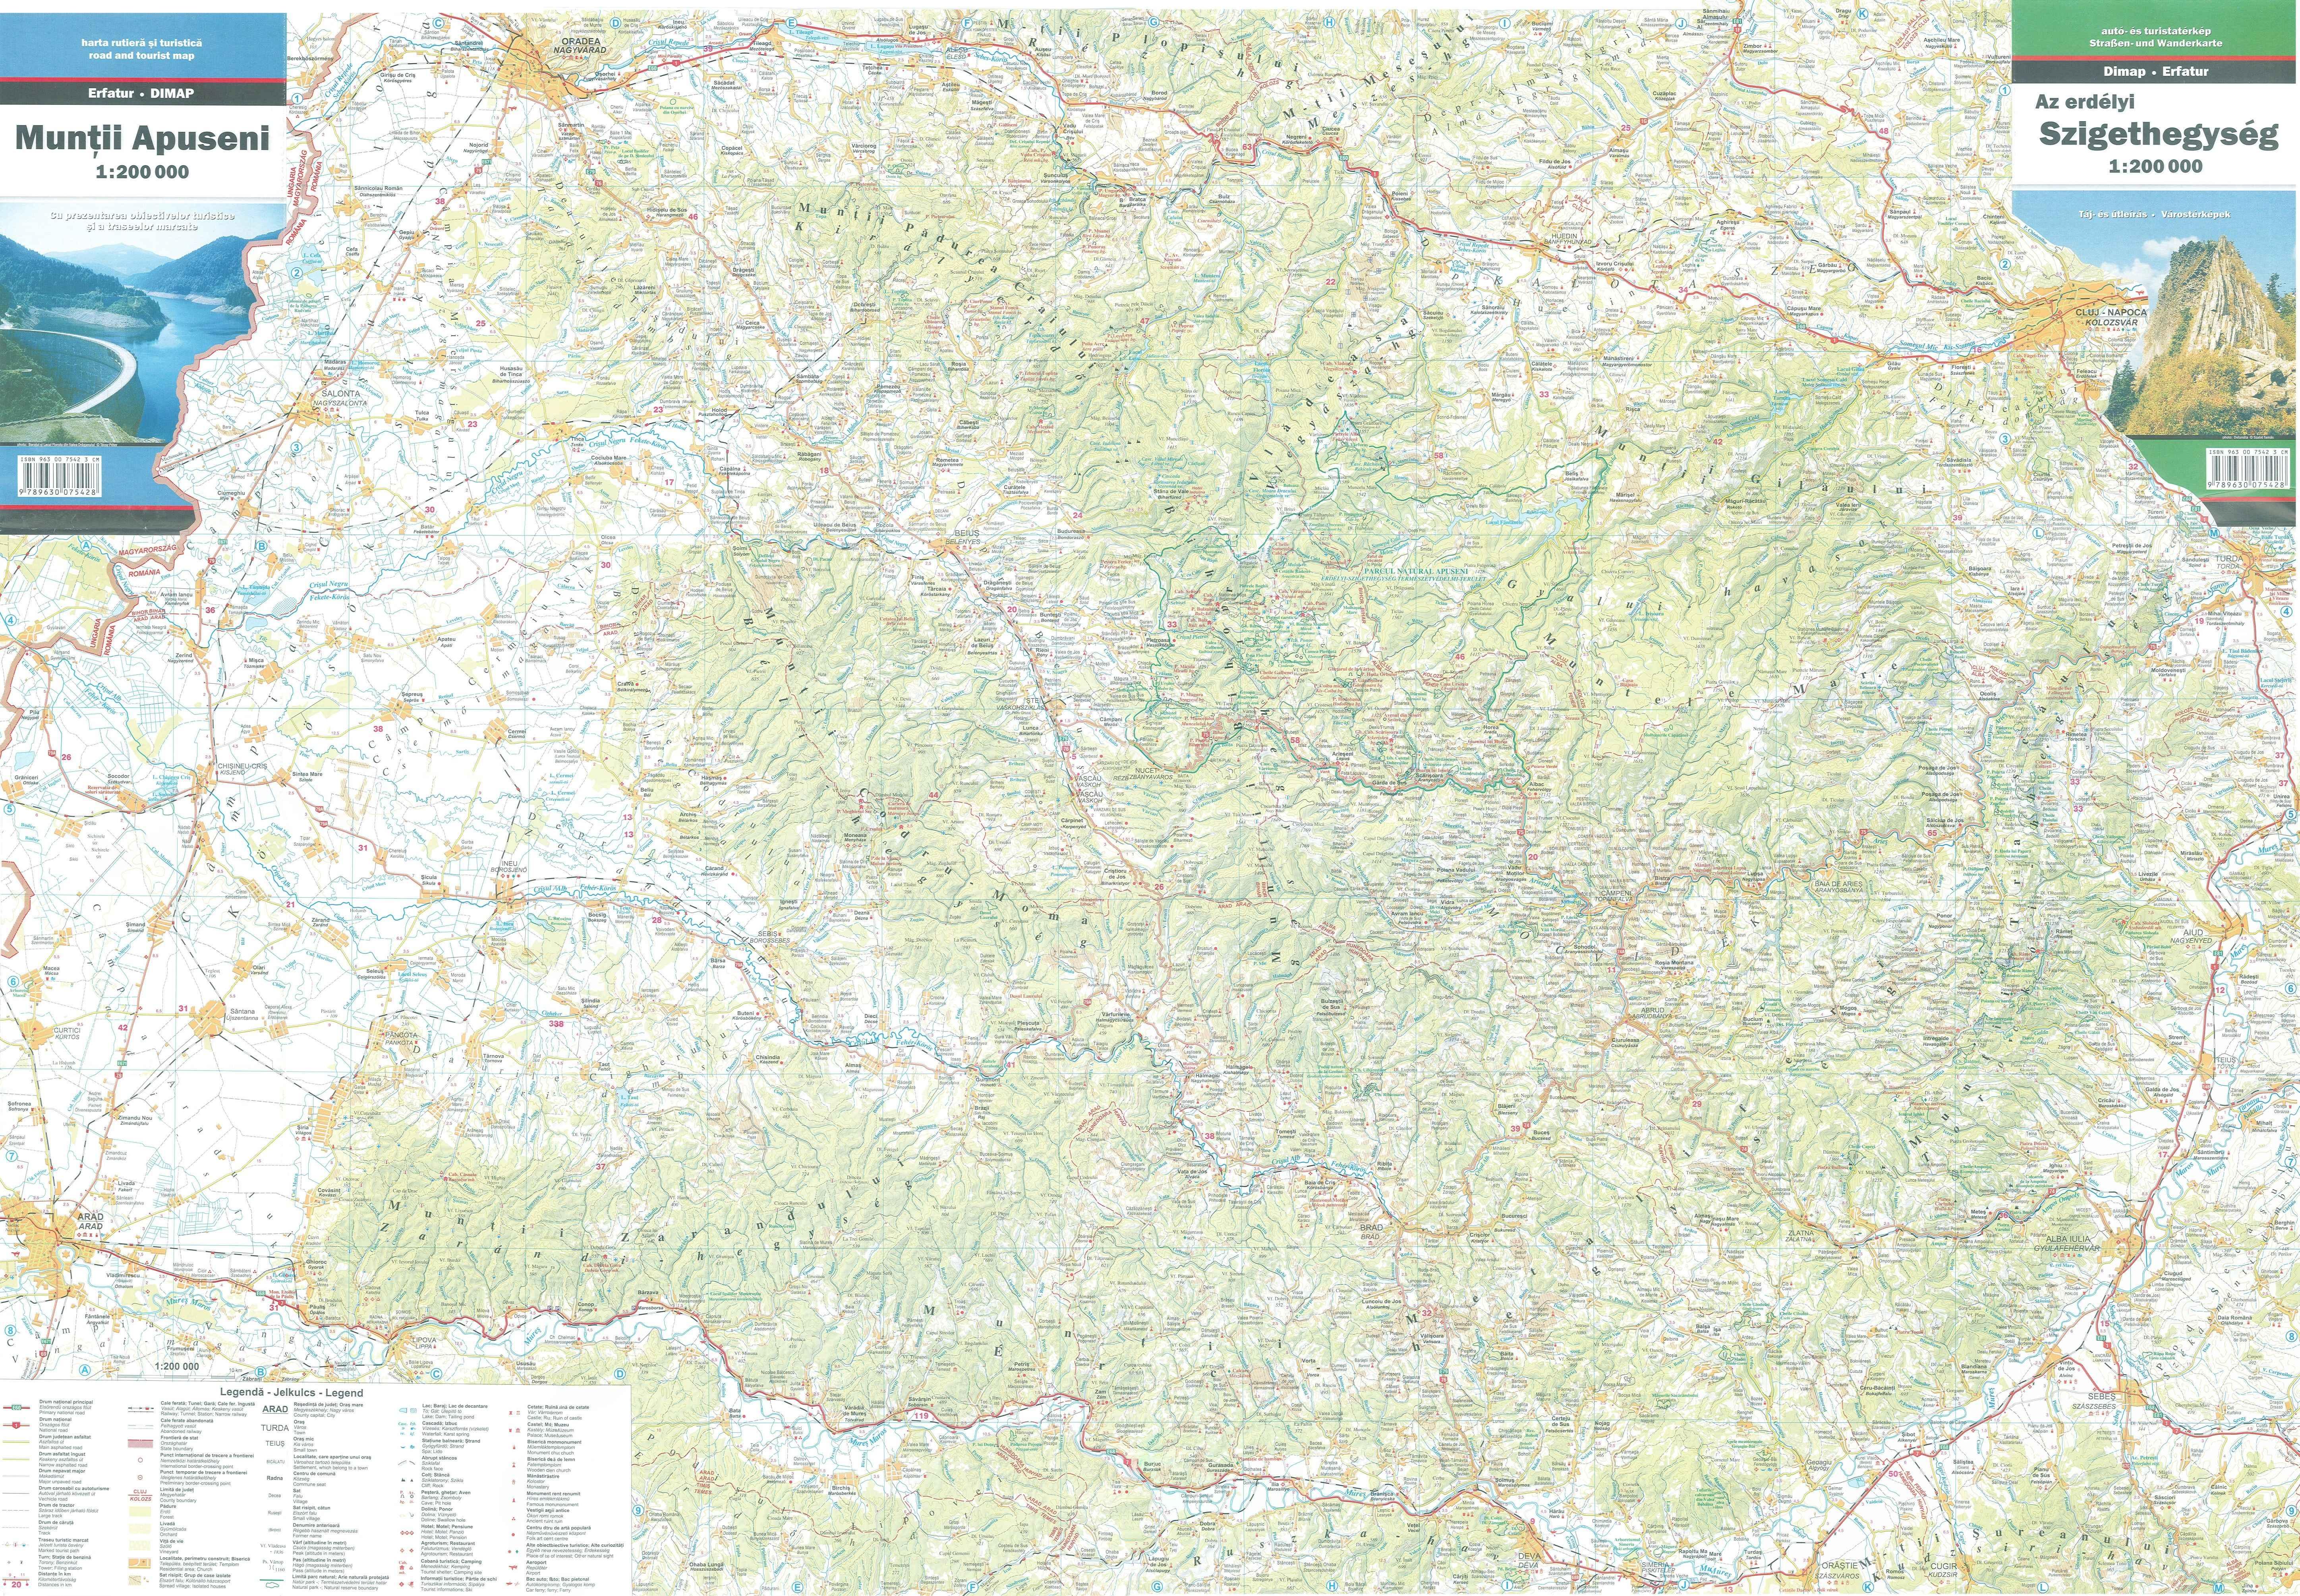 erdély útvonaltervező térkép Térképtár | Bihari Túrák Közhasznú Egyesület erdély útvonaltervező térkép